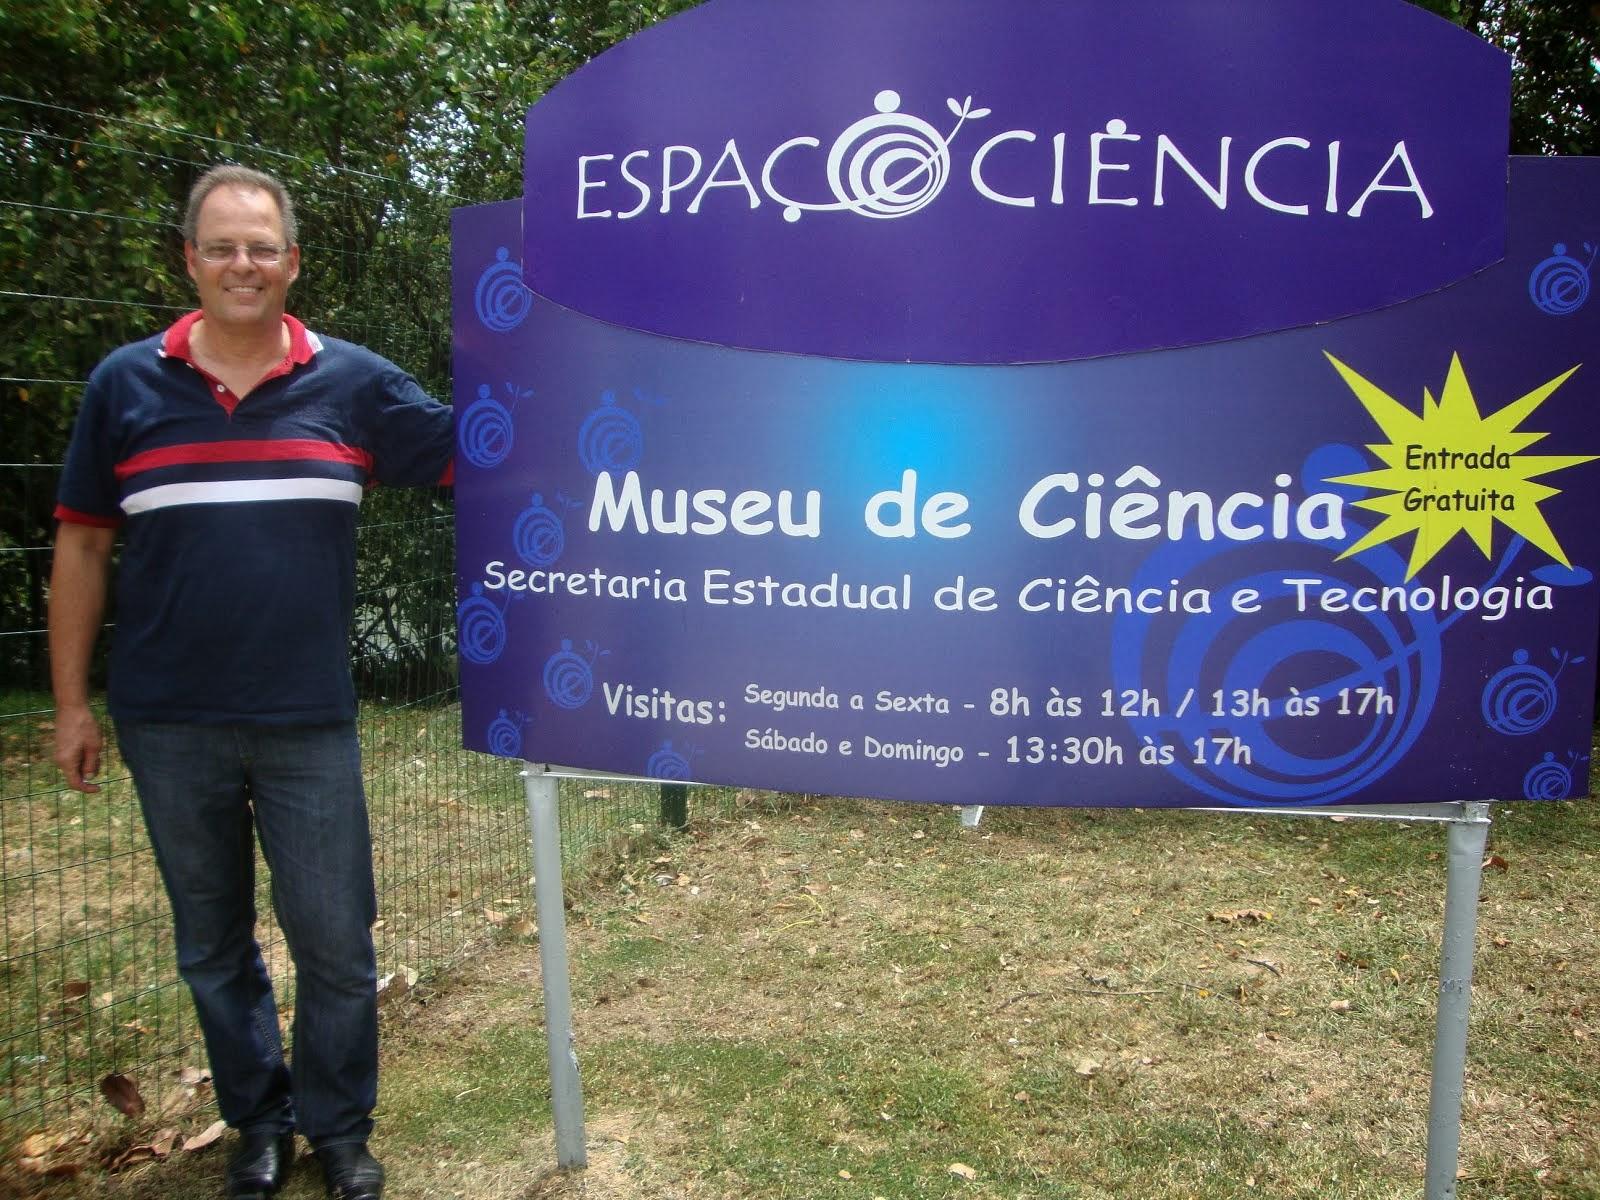 Thomas no Espaço Ciência de PE - Brasil